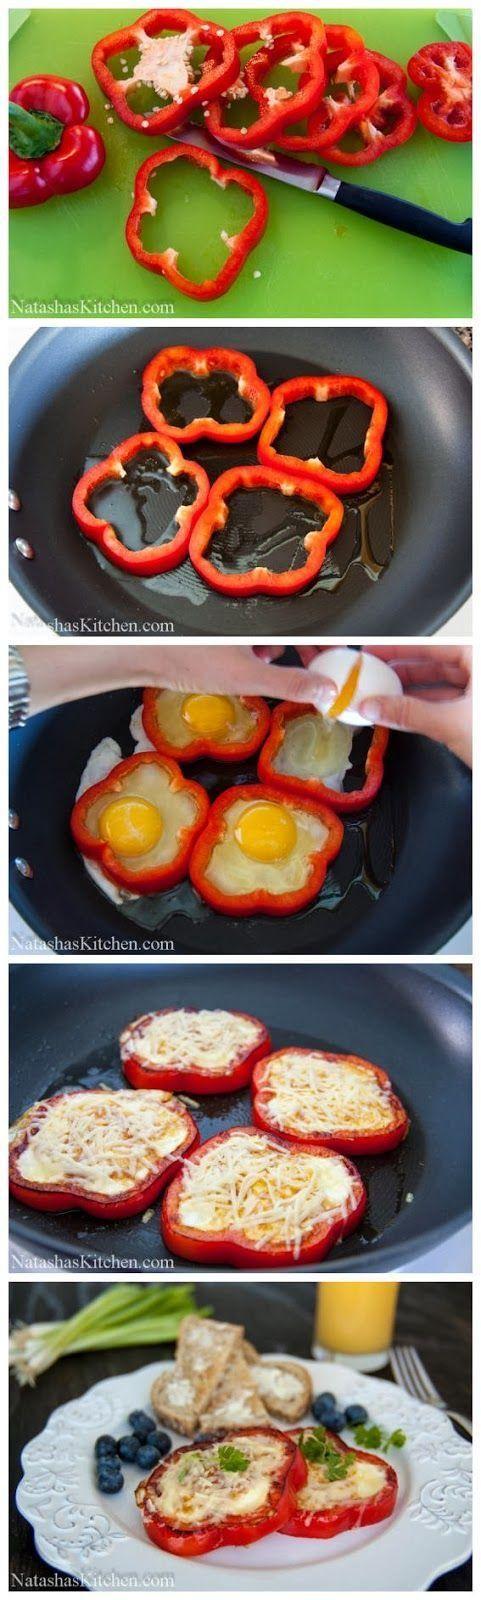 1 pimiento rojo, 4-5 huevos grandes, sal, pimienta, ¼ de taza de queso parmesano rallado, 1 cda de aceite de oliva. En una sartén, caliente 1 cda de aceite de oliva. Cortar los pimientos en anillos y quitar las semillas y los centros. Colocar los pimientos en rodajas en la sartén y dejar que sofría por 1 minuto. Rompa un huevo en el centro de cada rebanada de pimiento.Espolvoree sal y pimienta. Saltee durante 3 min y luego vuelta por el otro lado.Coloque queso parmesano, cocinar 1 min más.